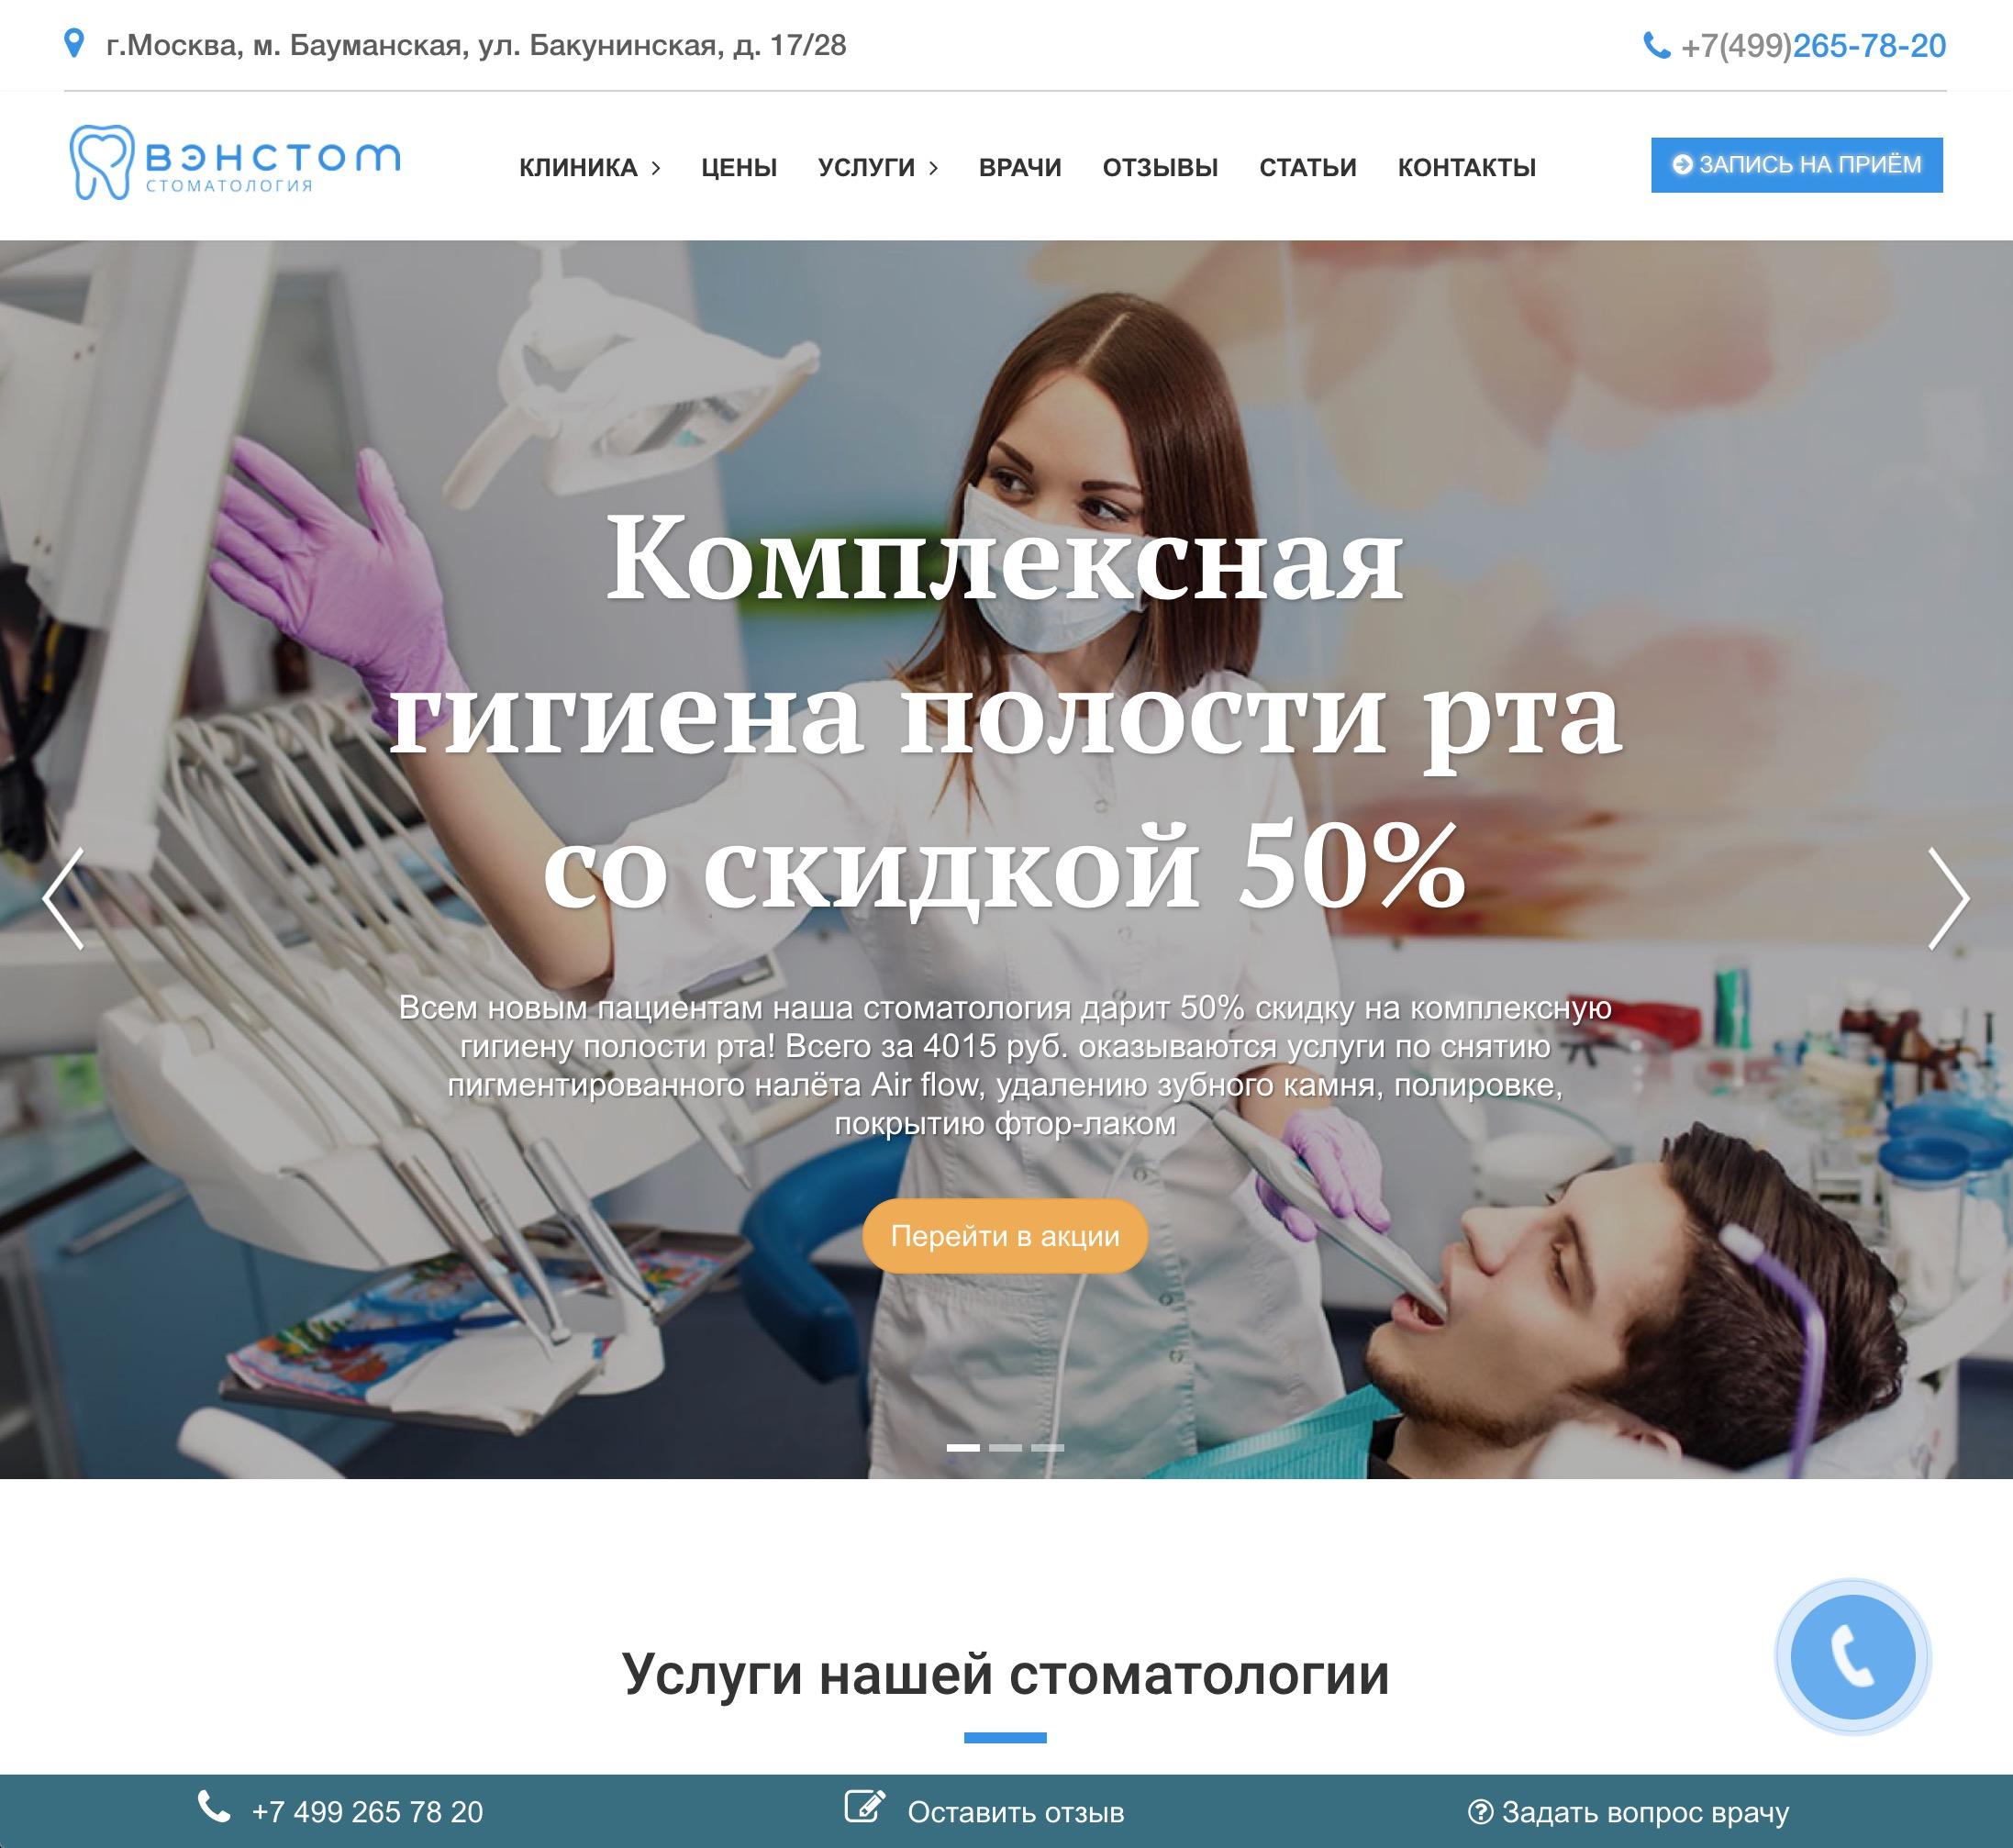 Раскрутка сайта Бакунинская улица создание сайта раскрутка сайта разработка сайта